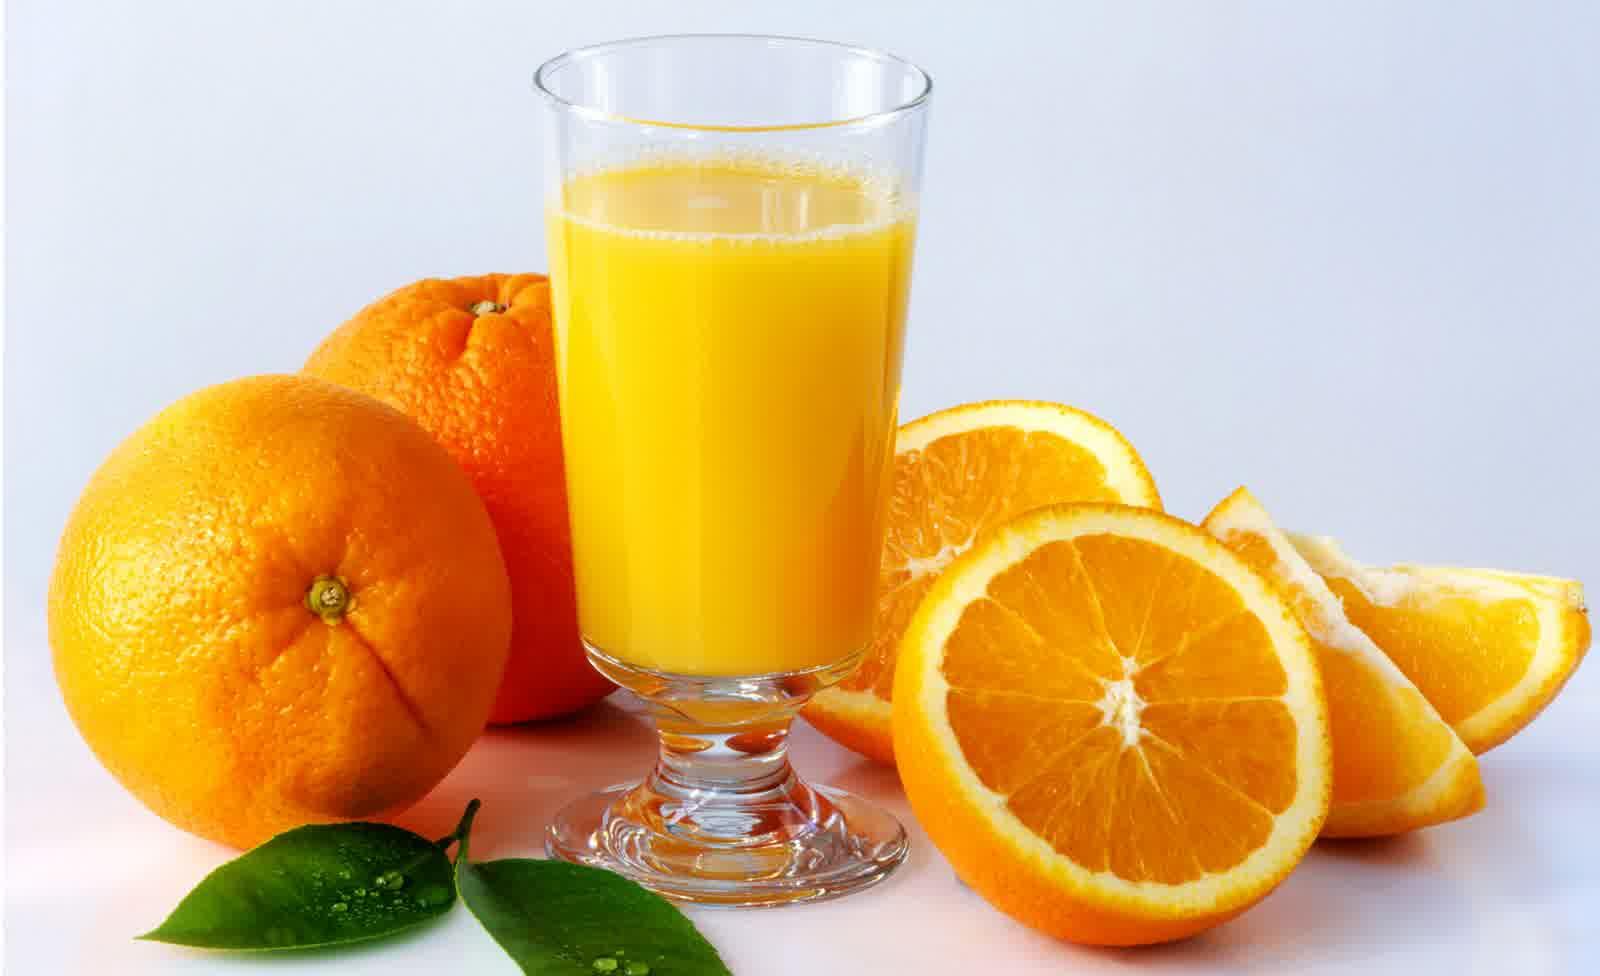 Selain bisa langsung dimakan, jeruk juga bisa diolah menjadi sebotol jus yang sangat nikmat © Groufie